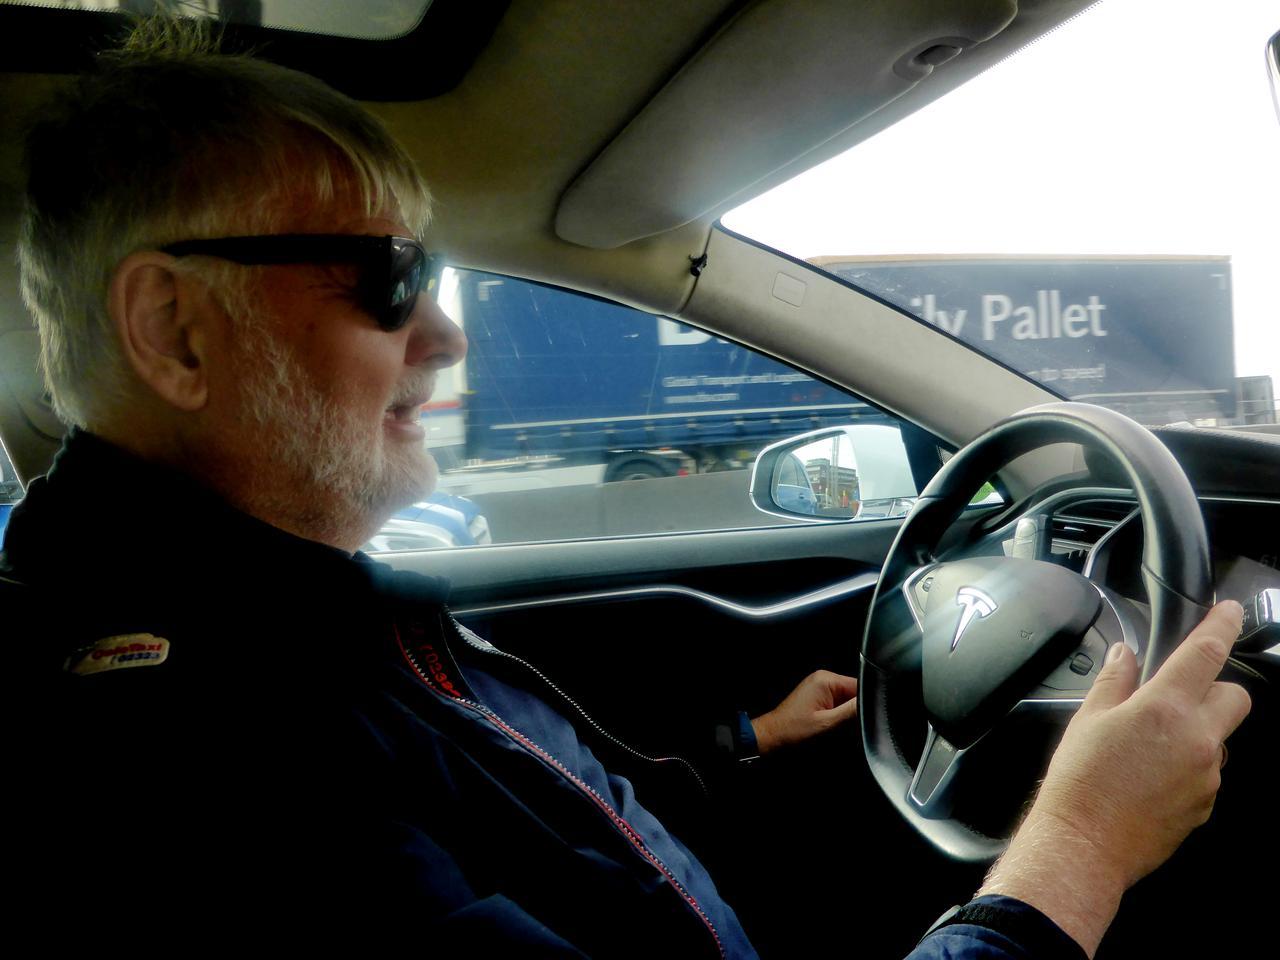 全球首例!挪威将推广电动出租车感应充电系统